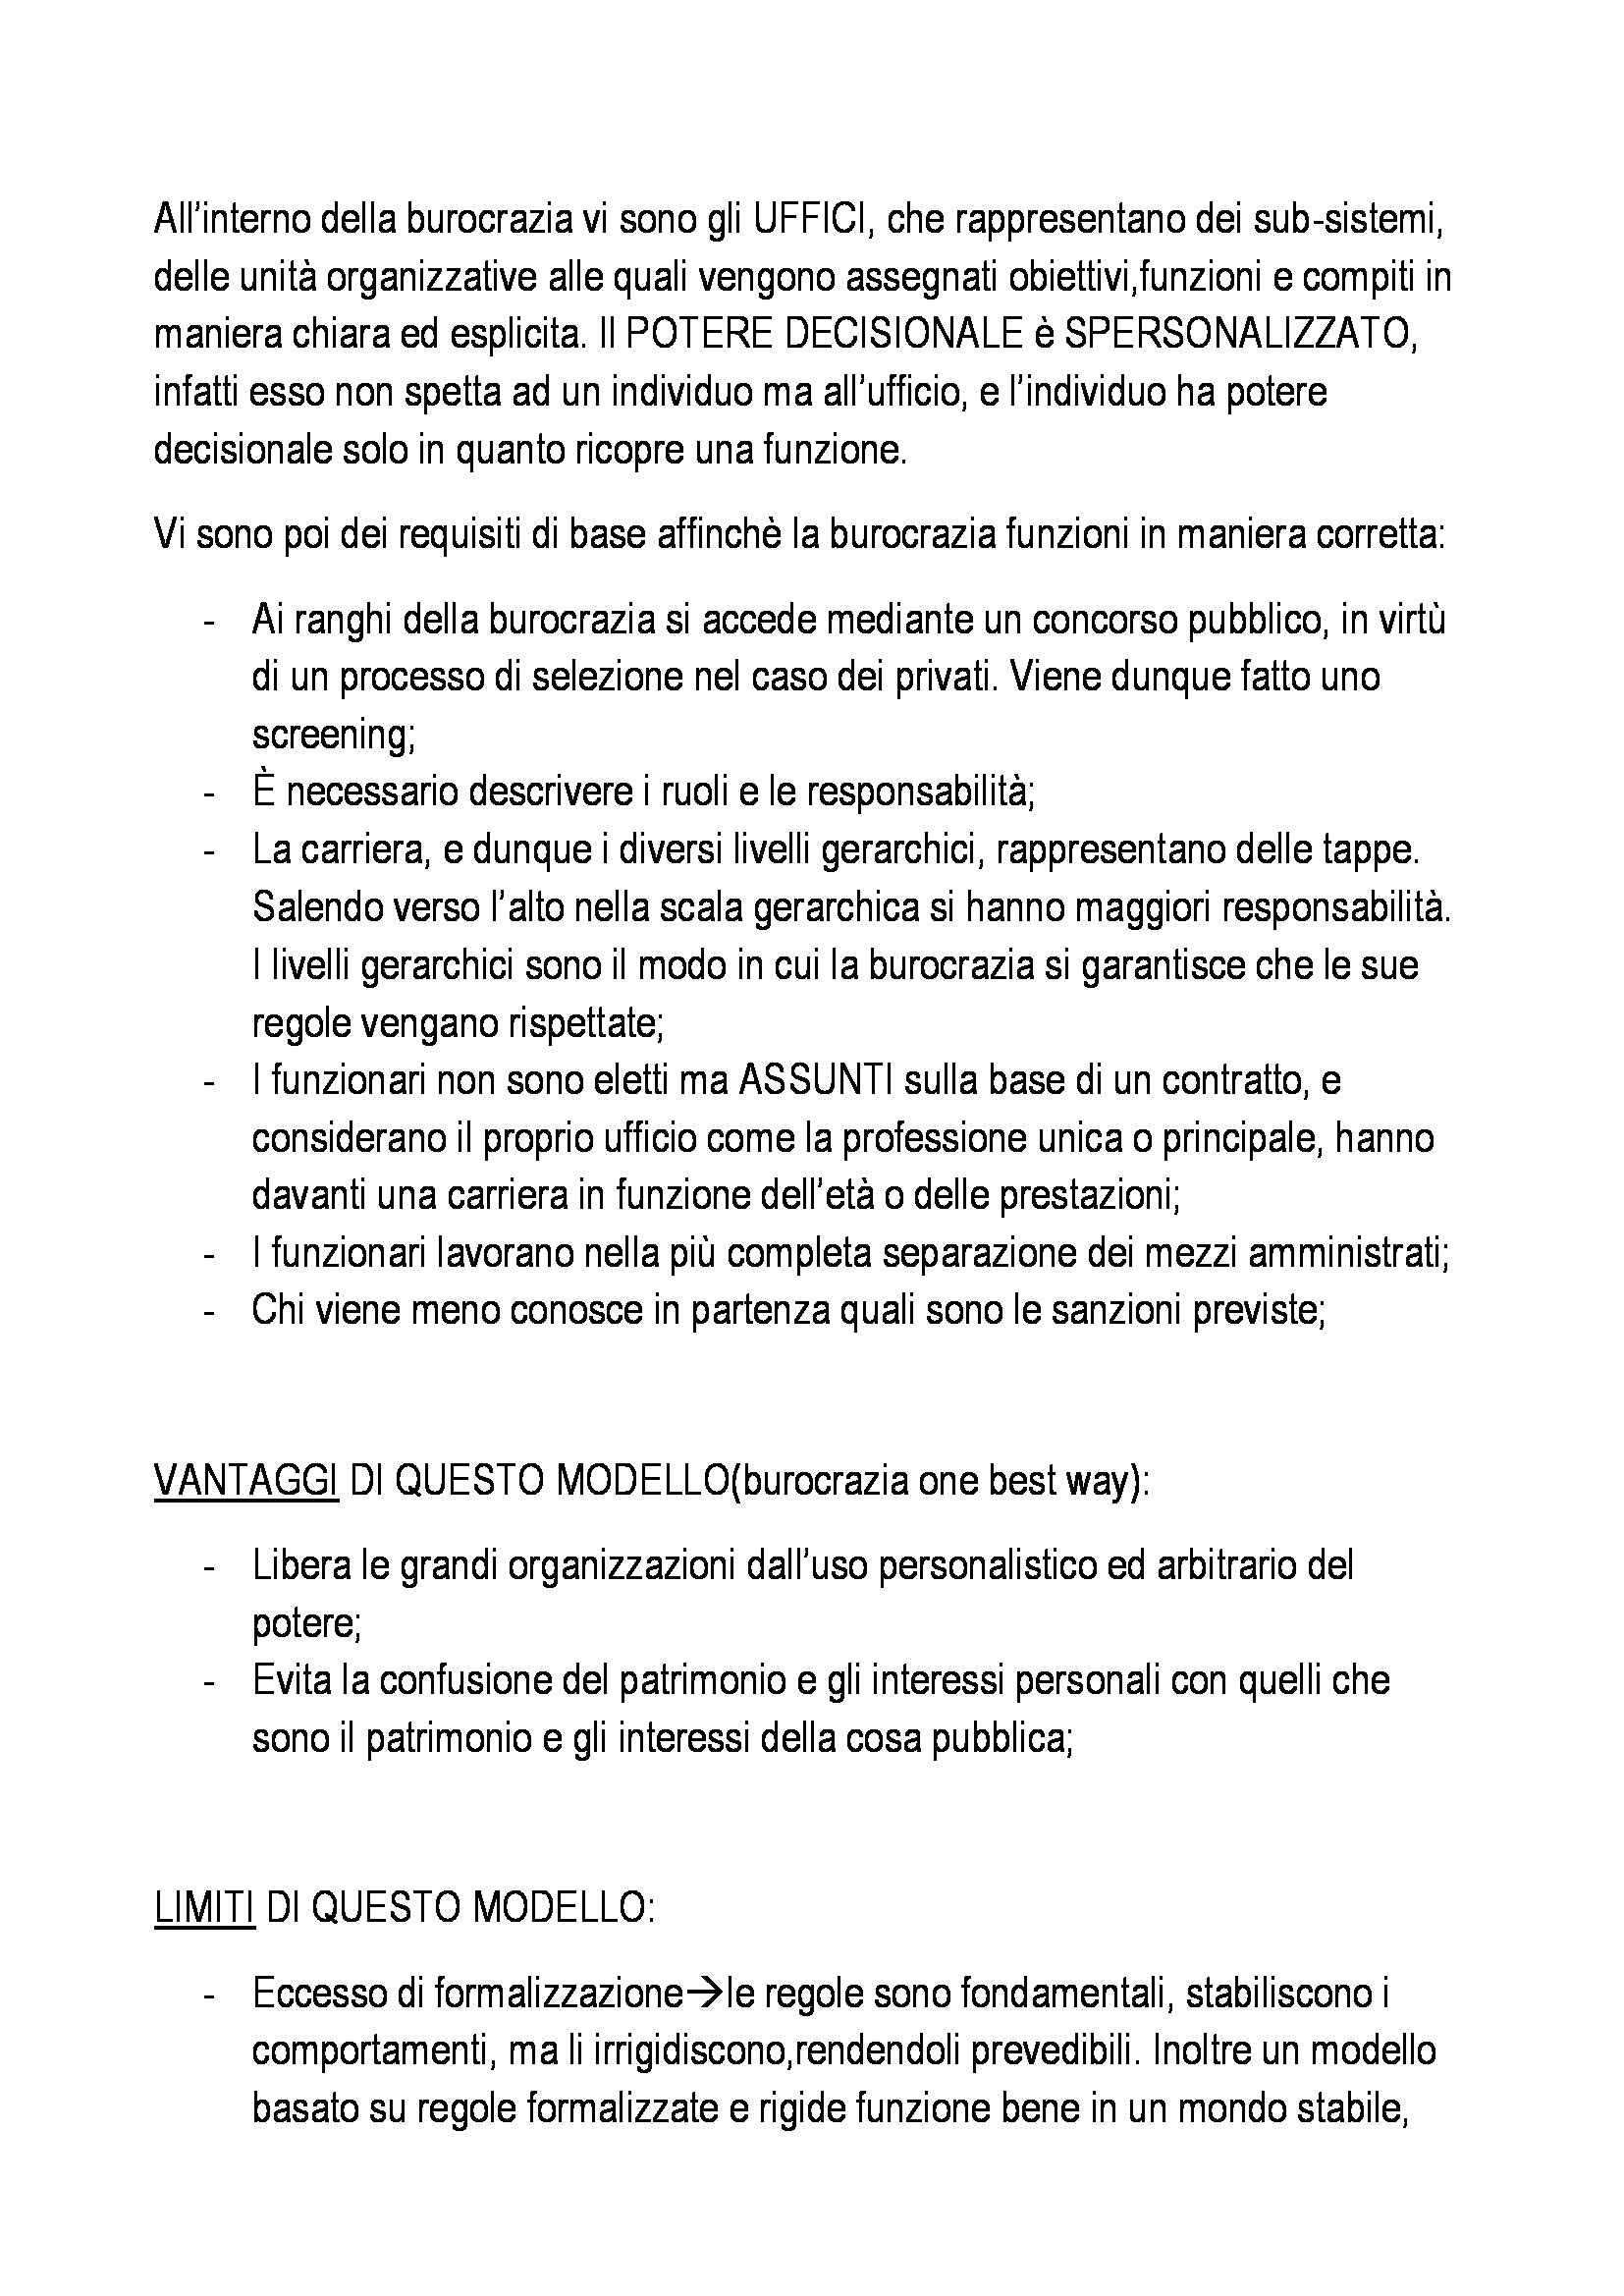 Organizzazione aziendale - Appunti Pag. 11